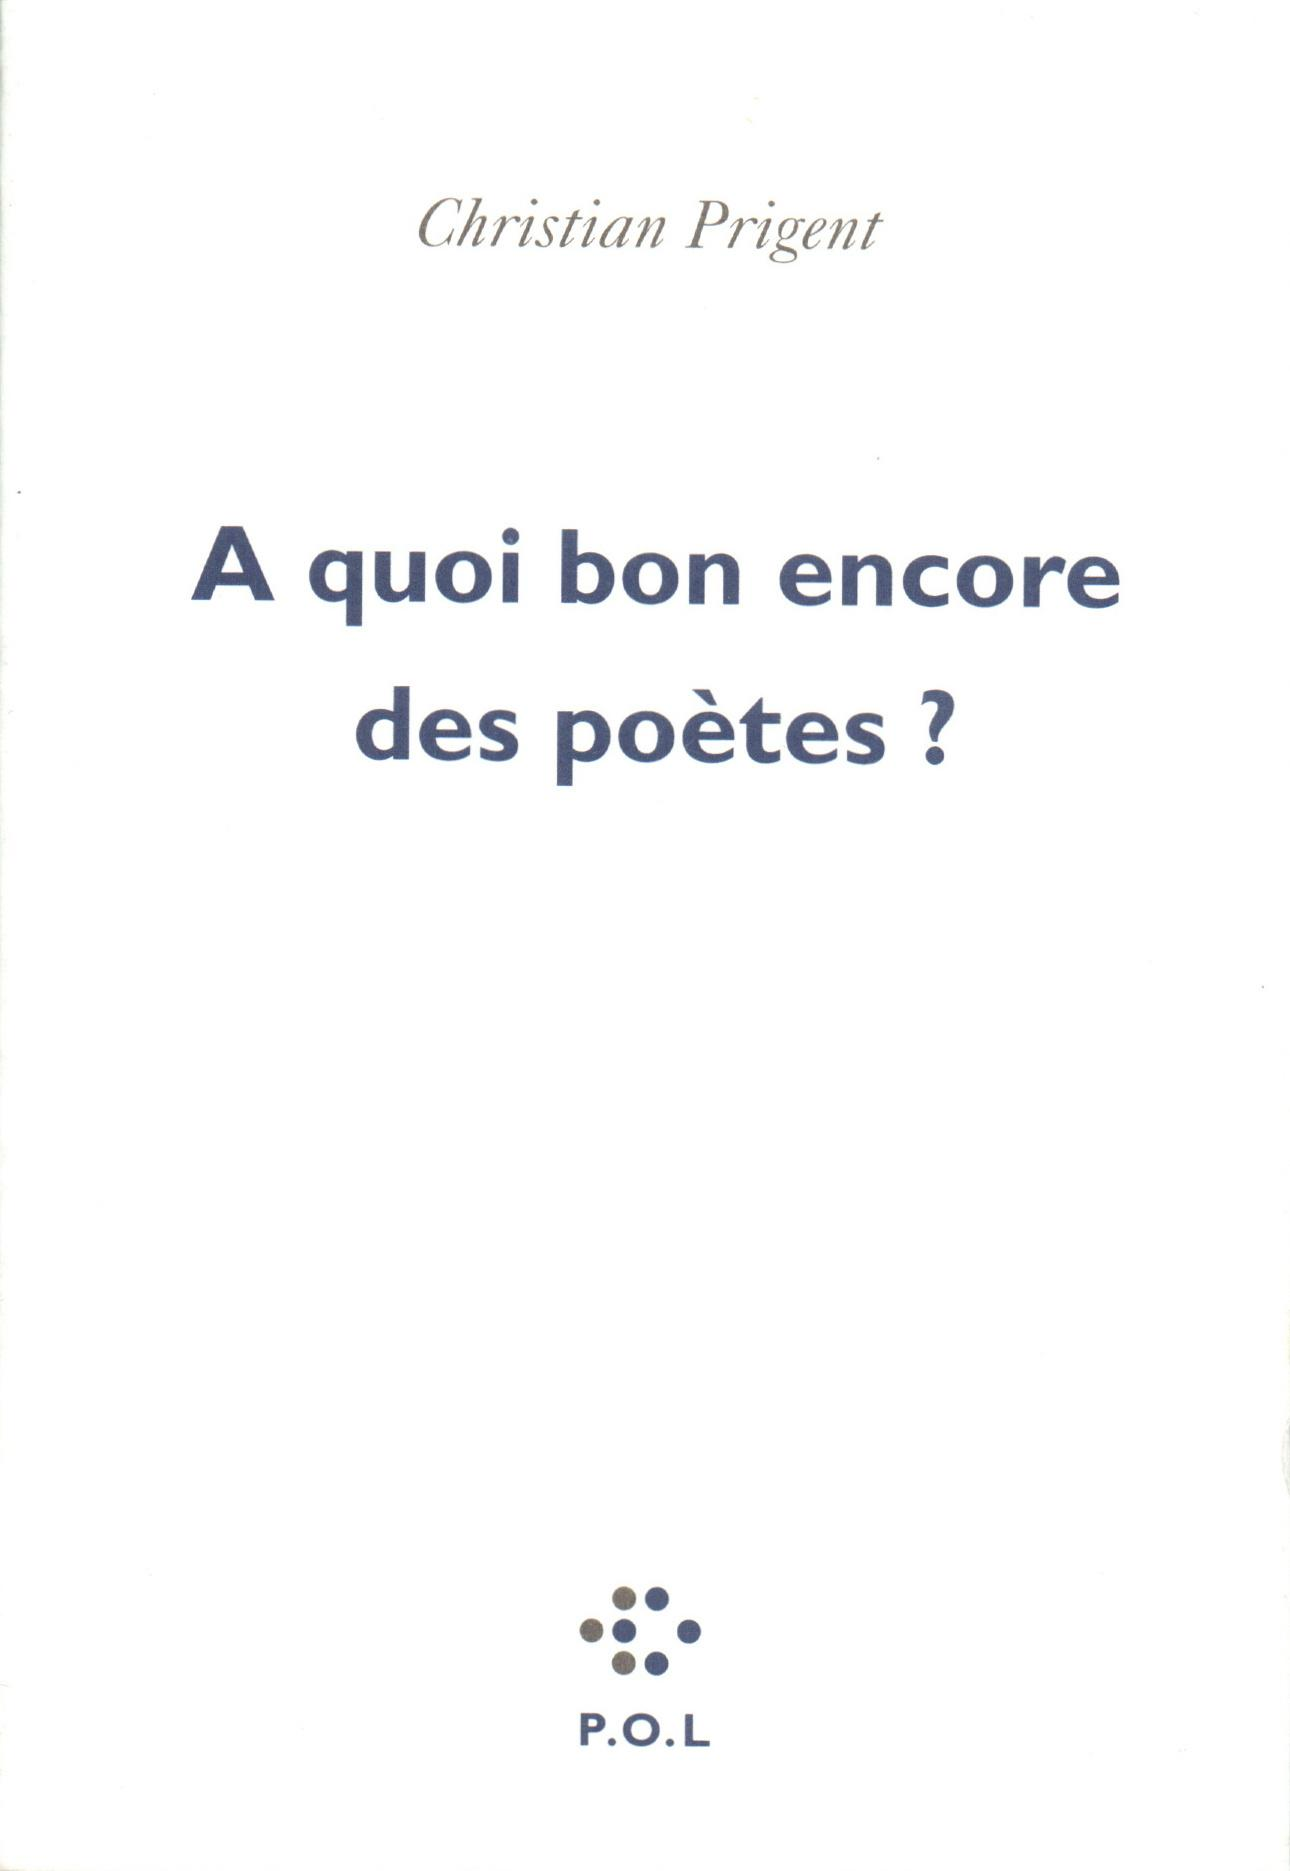 À quoi bon encore des poètes?